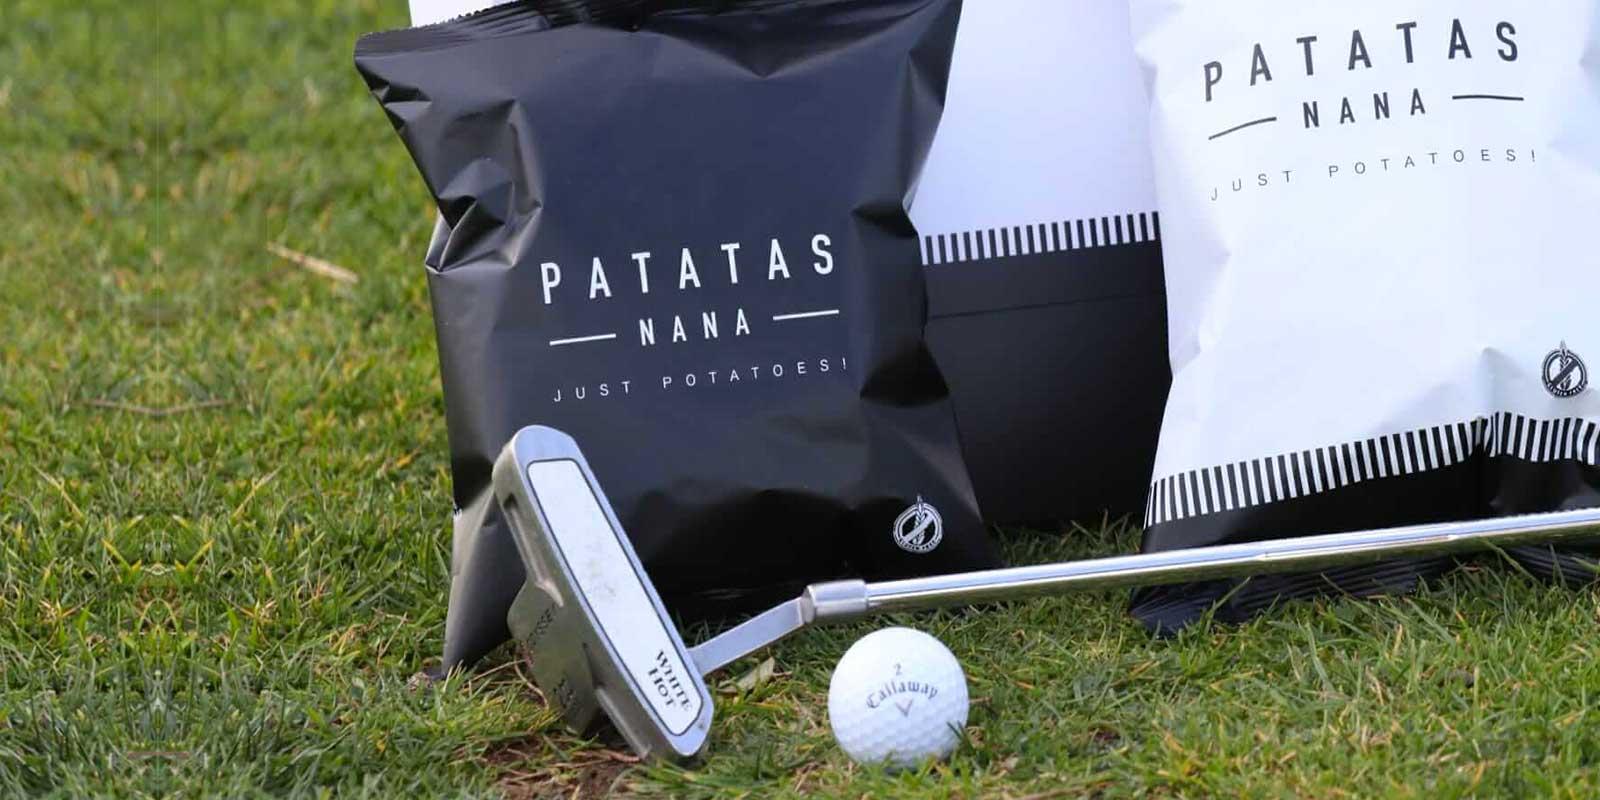 nana-news-articolo-golf